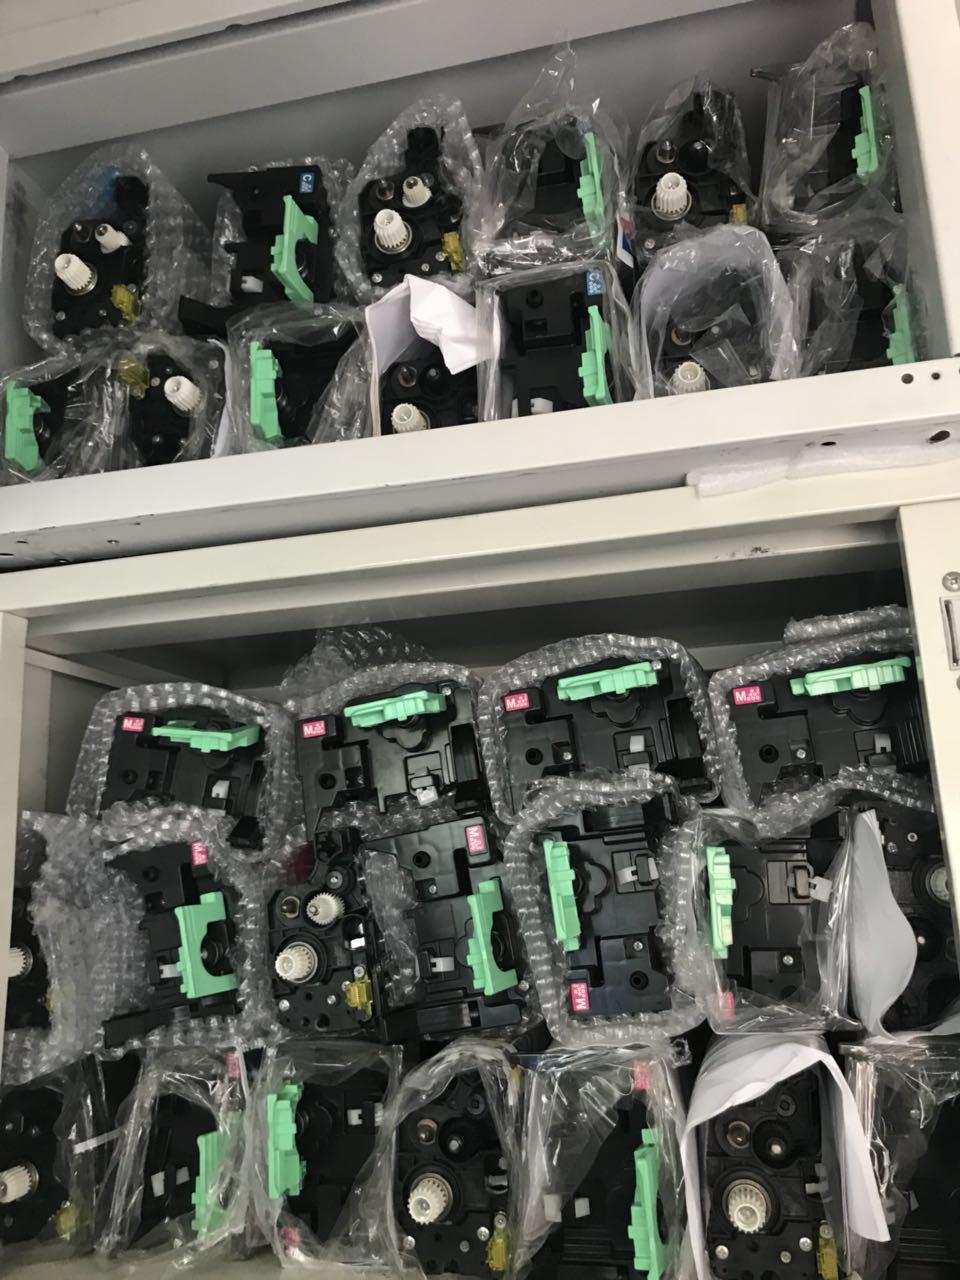 理光MPC3000 C4000 C5000 彩色硒鼓 打印机硒鼓